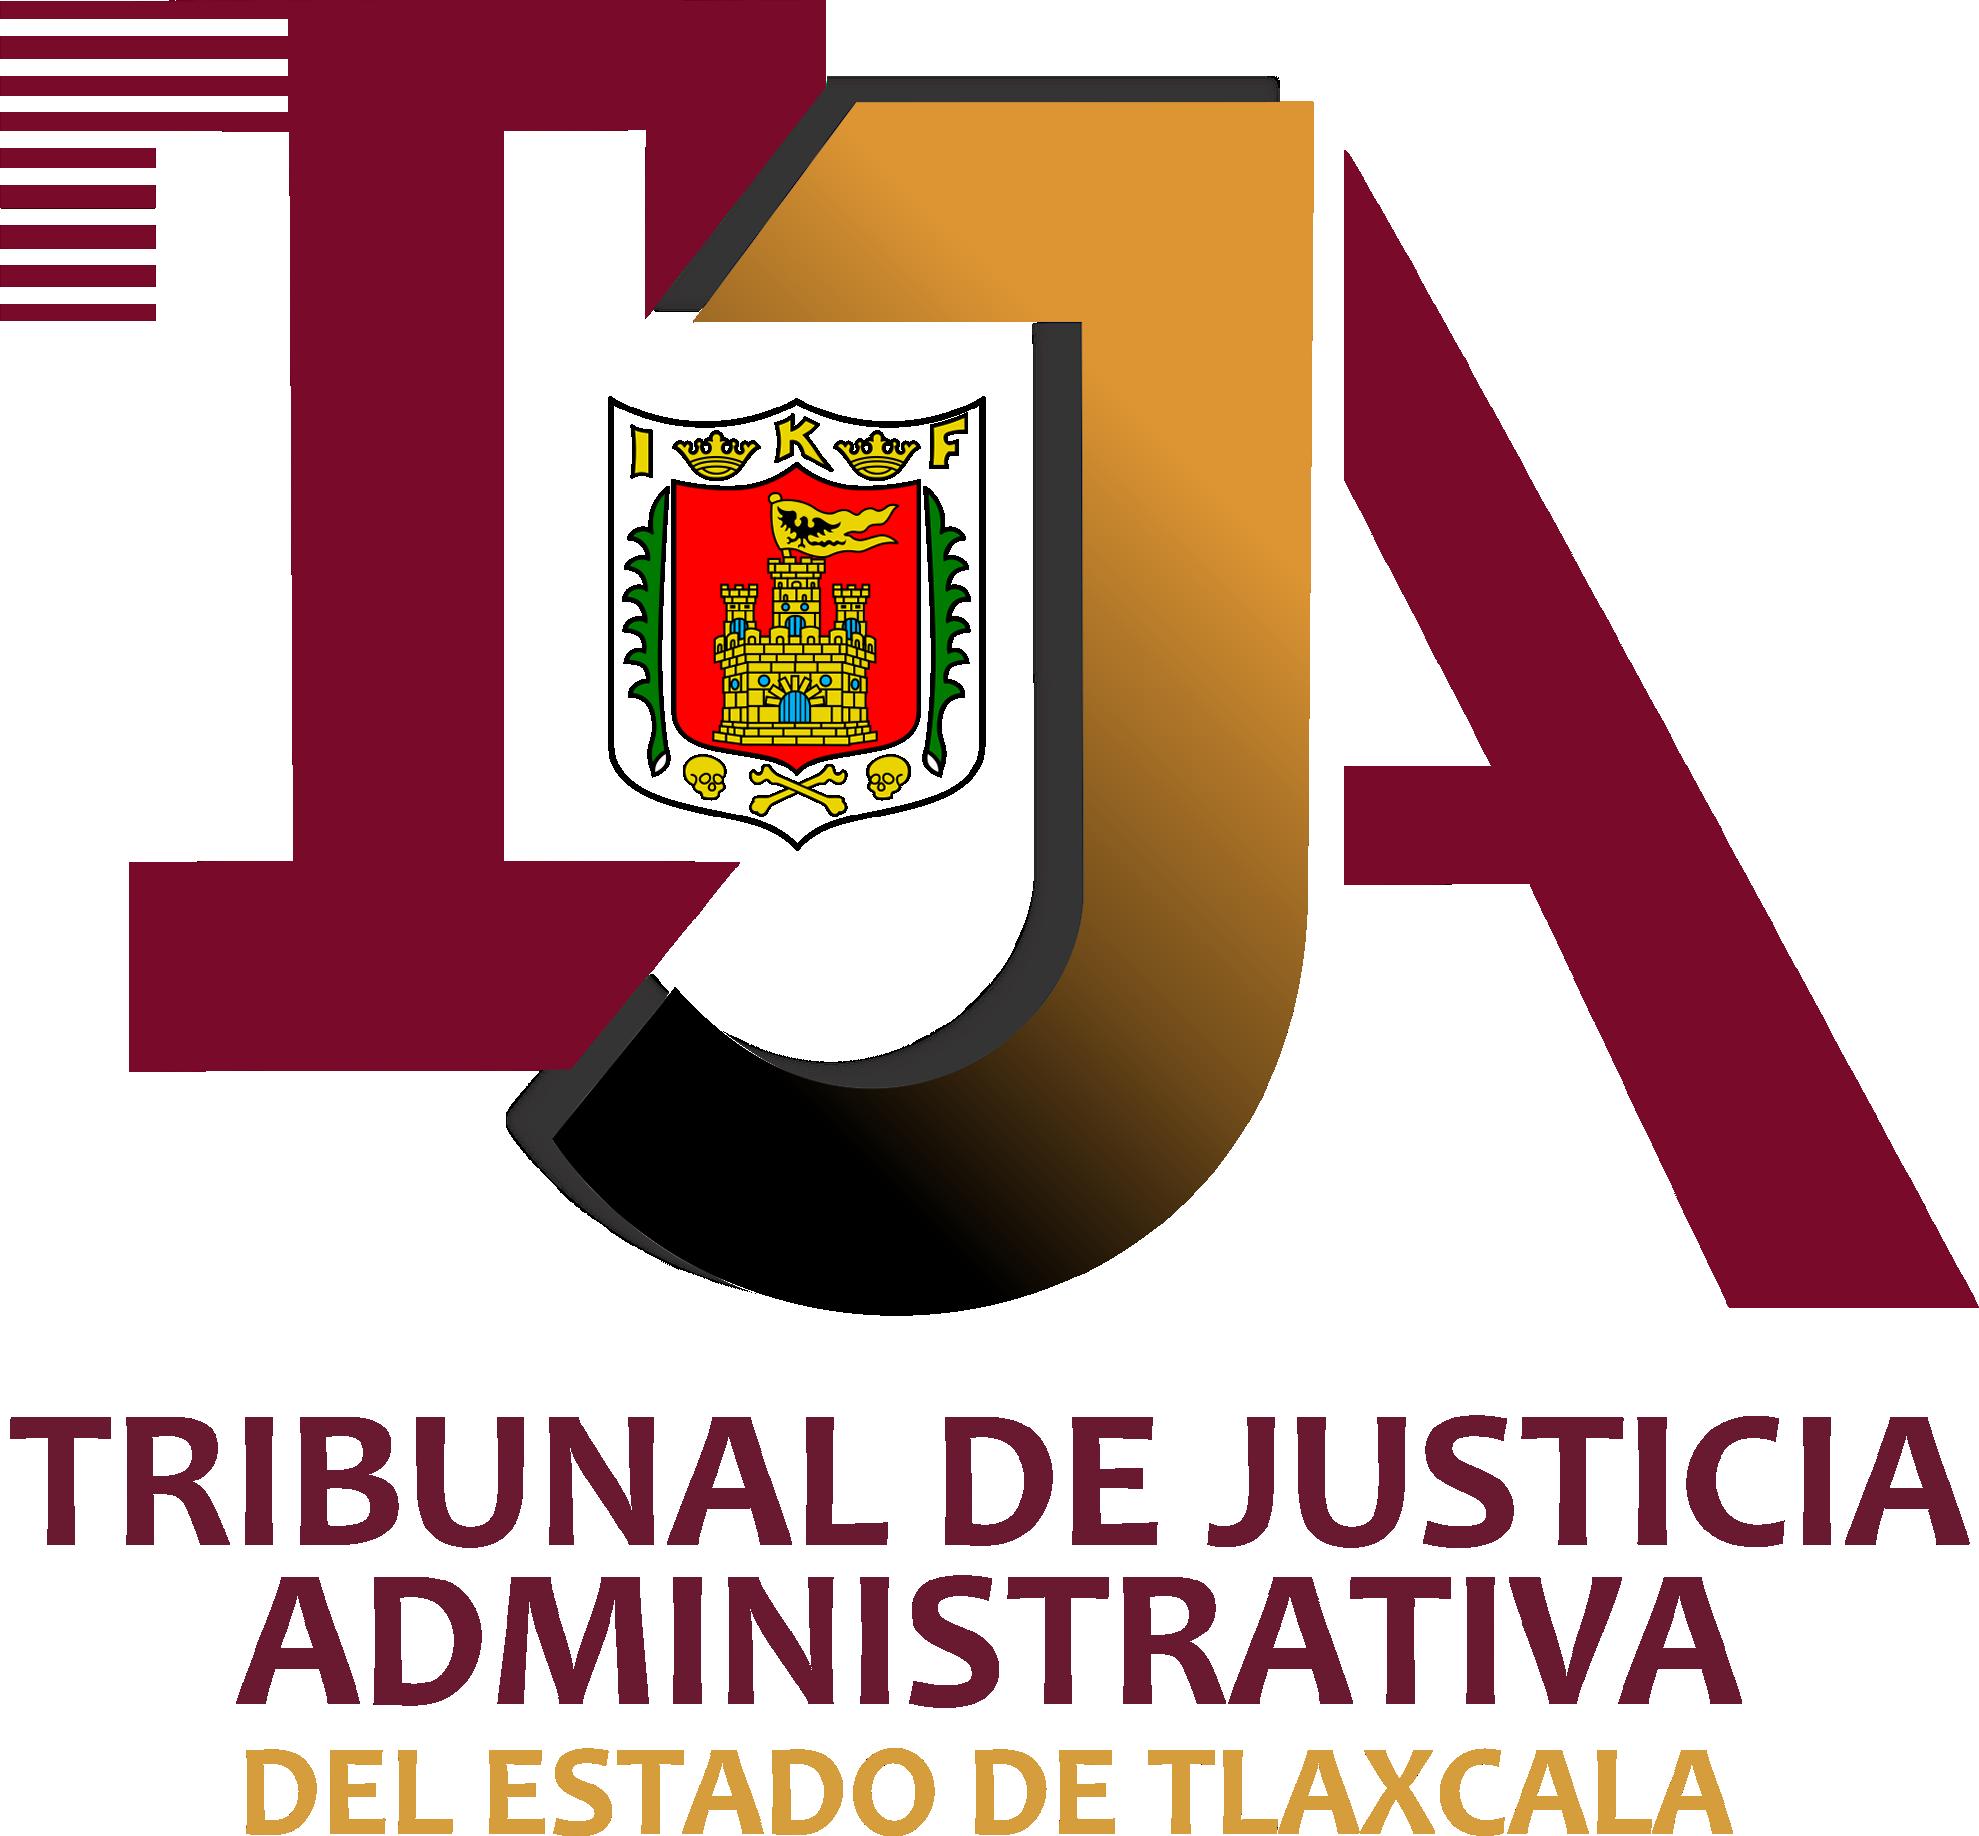 TJA logo